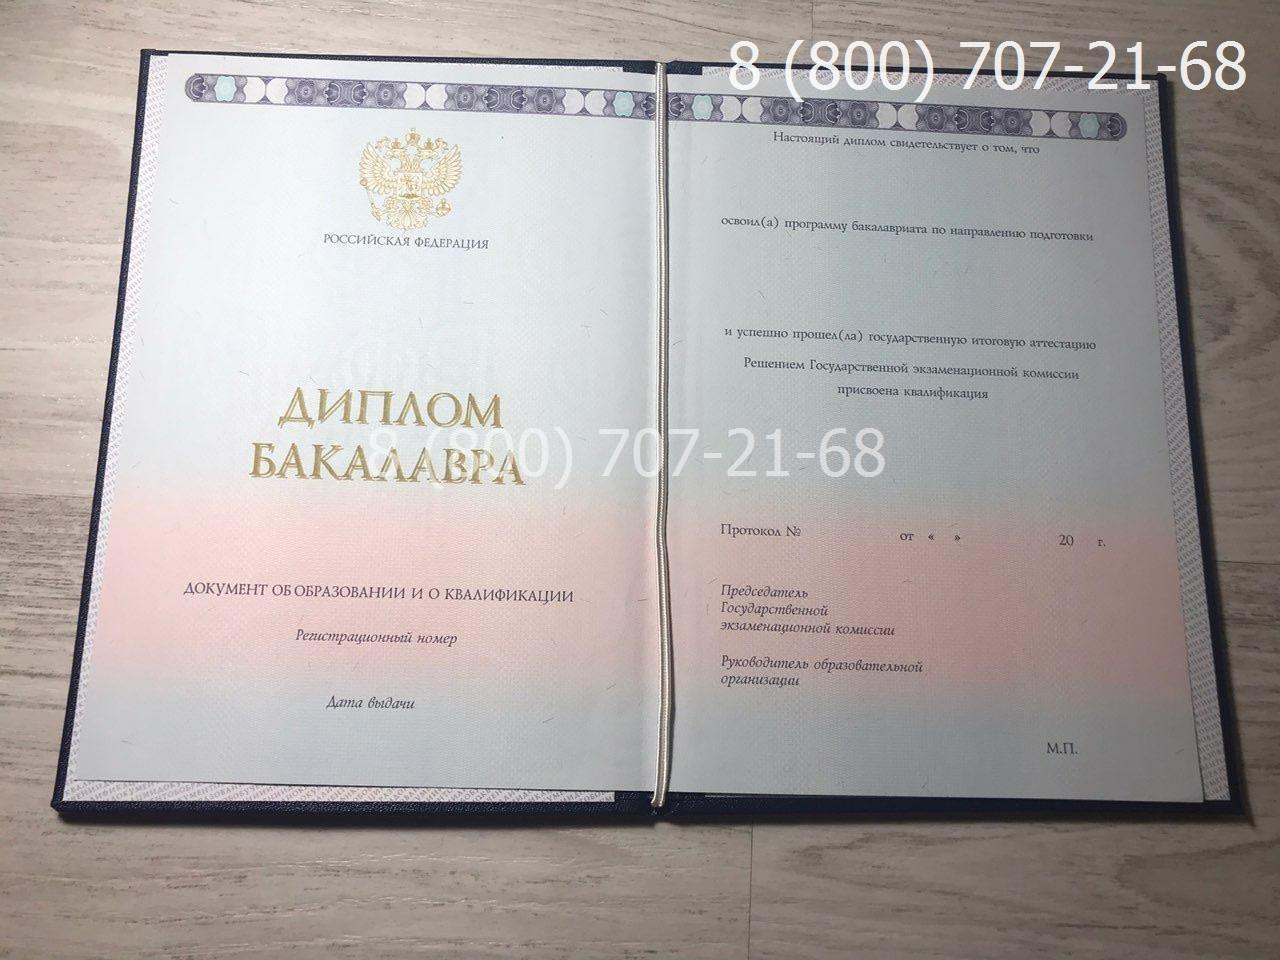 Диплом бакалавра 2014-2019 года фото 1